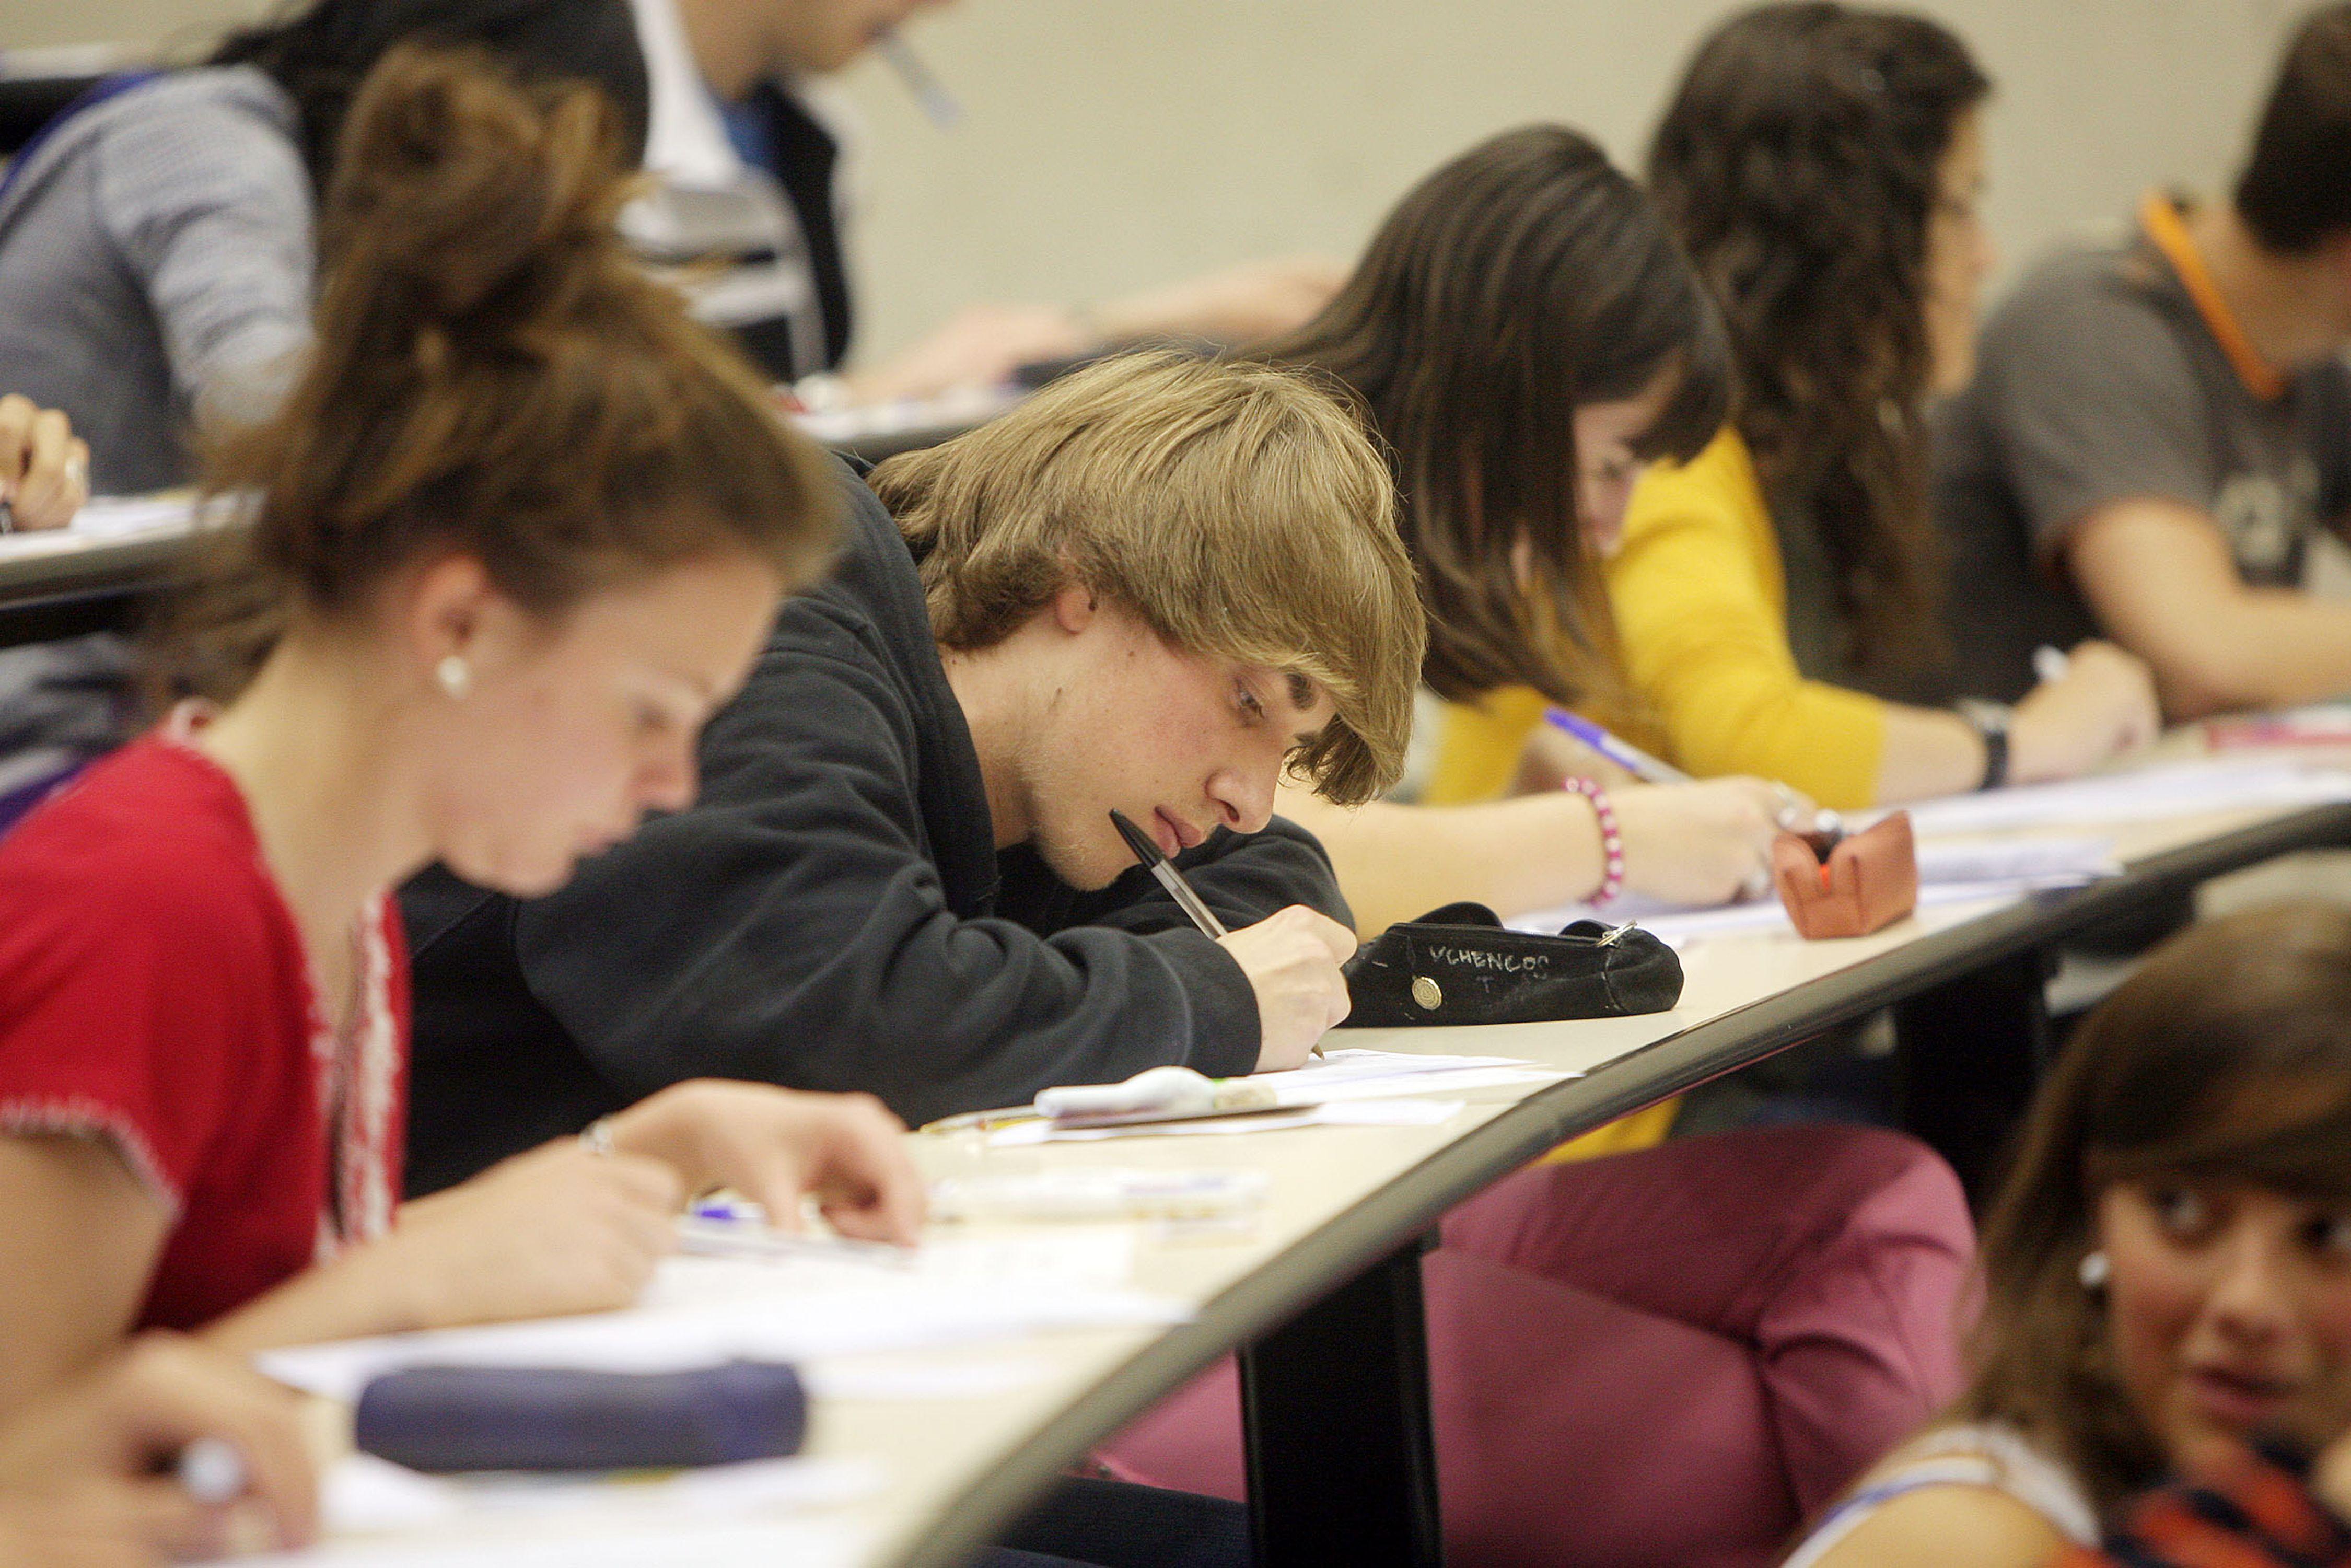 Resultado de imagen para estudiantes en examen